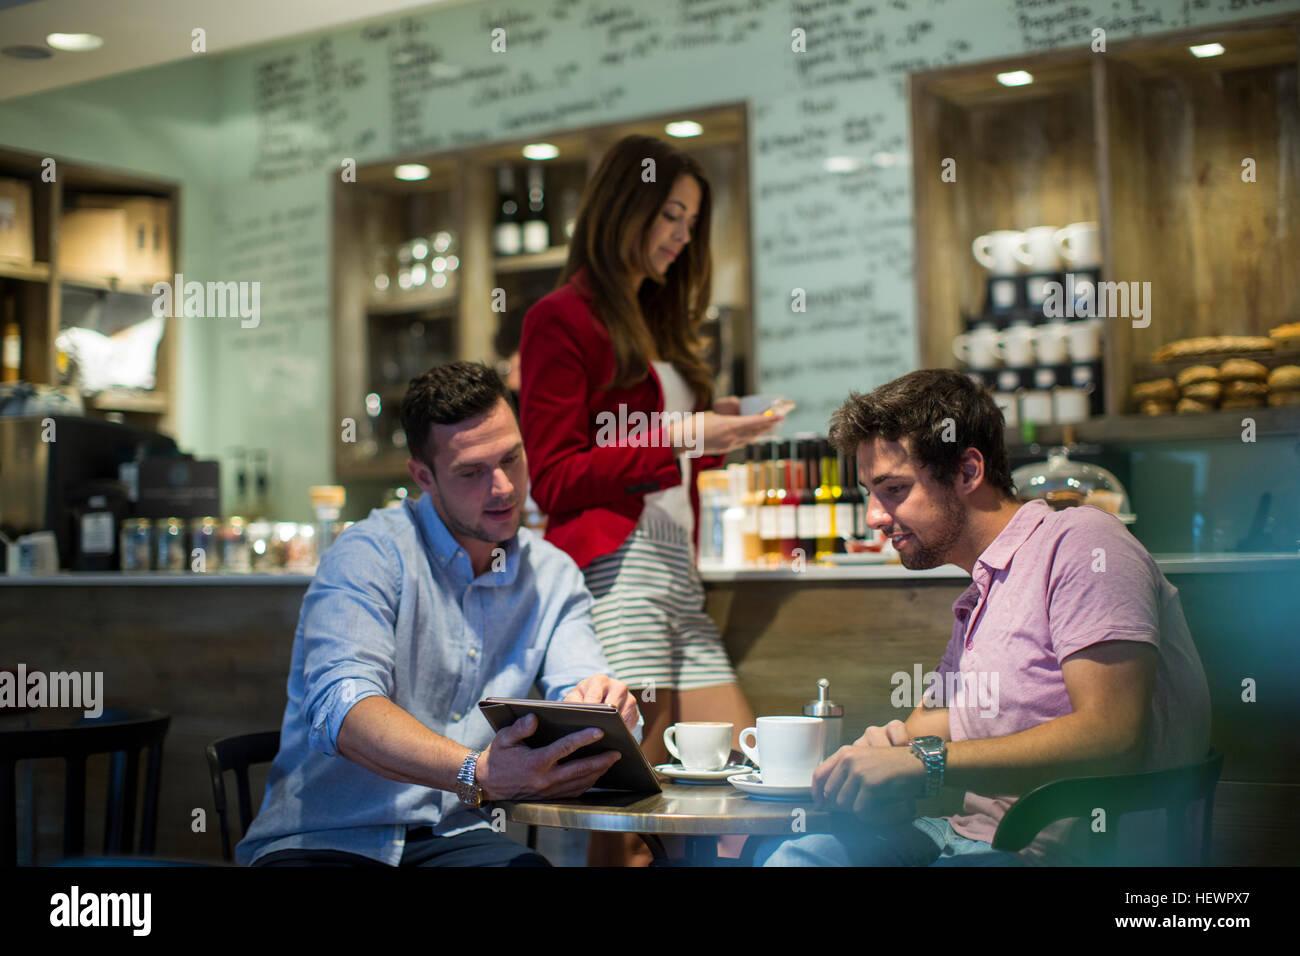 Amigos varones sentados en el café mirando tableta digital Imagen De Stock